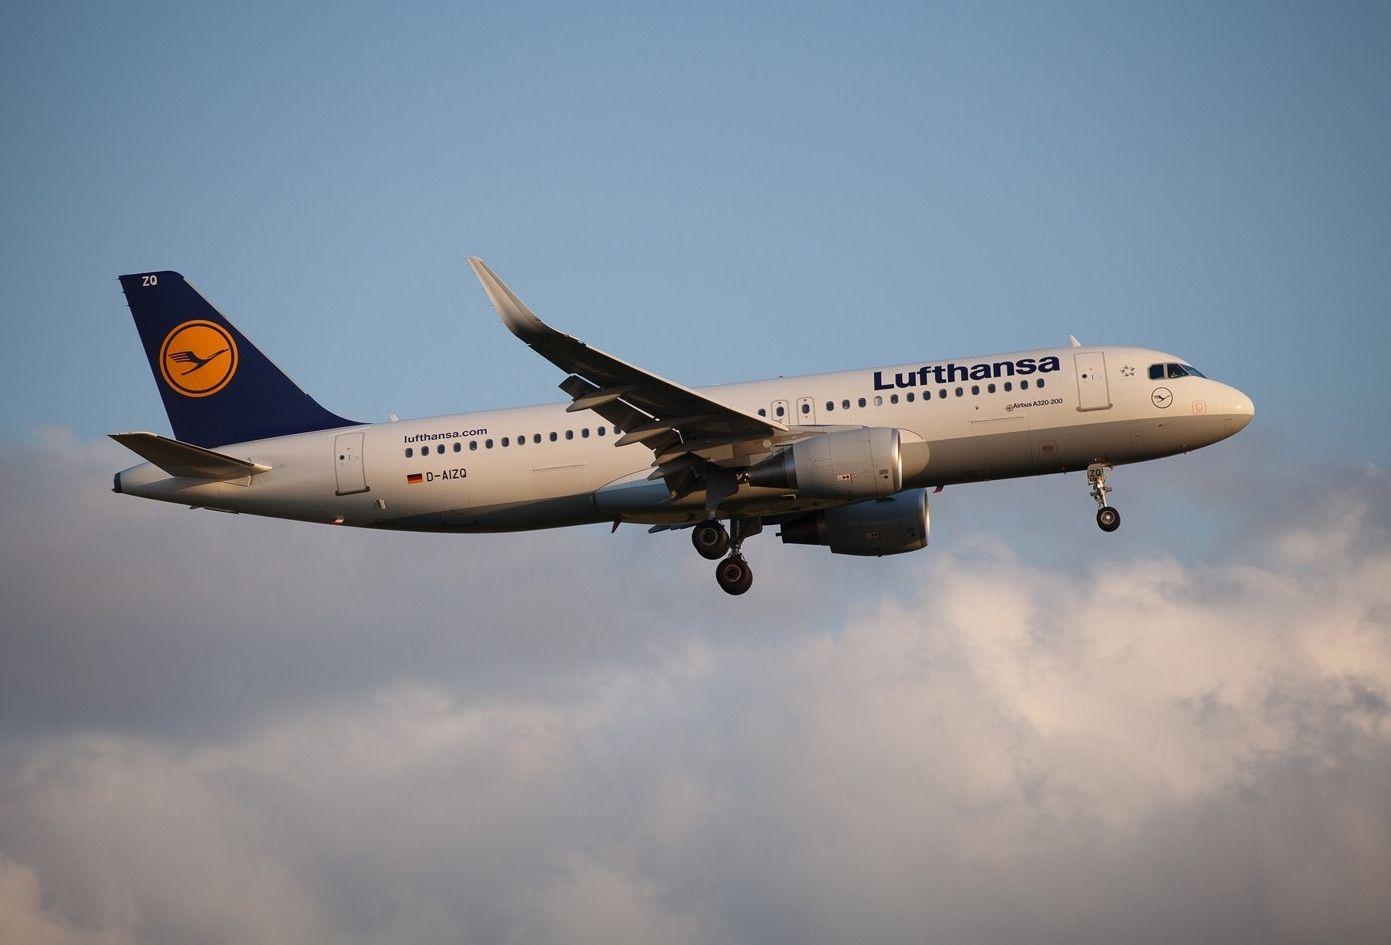 民航早报:汉莎敲定27架A320neo系列飞机订单